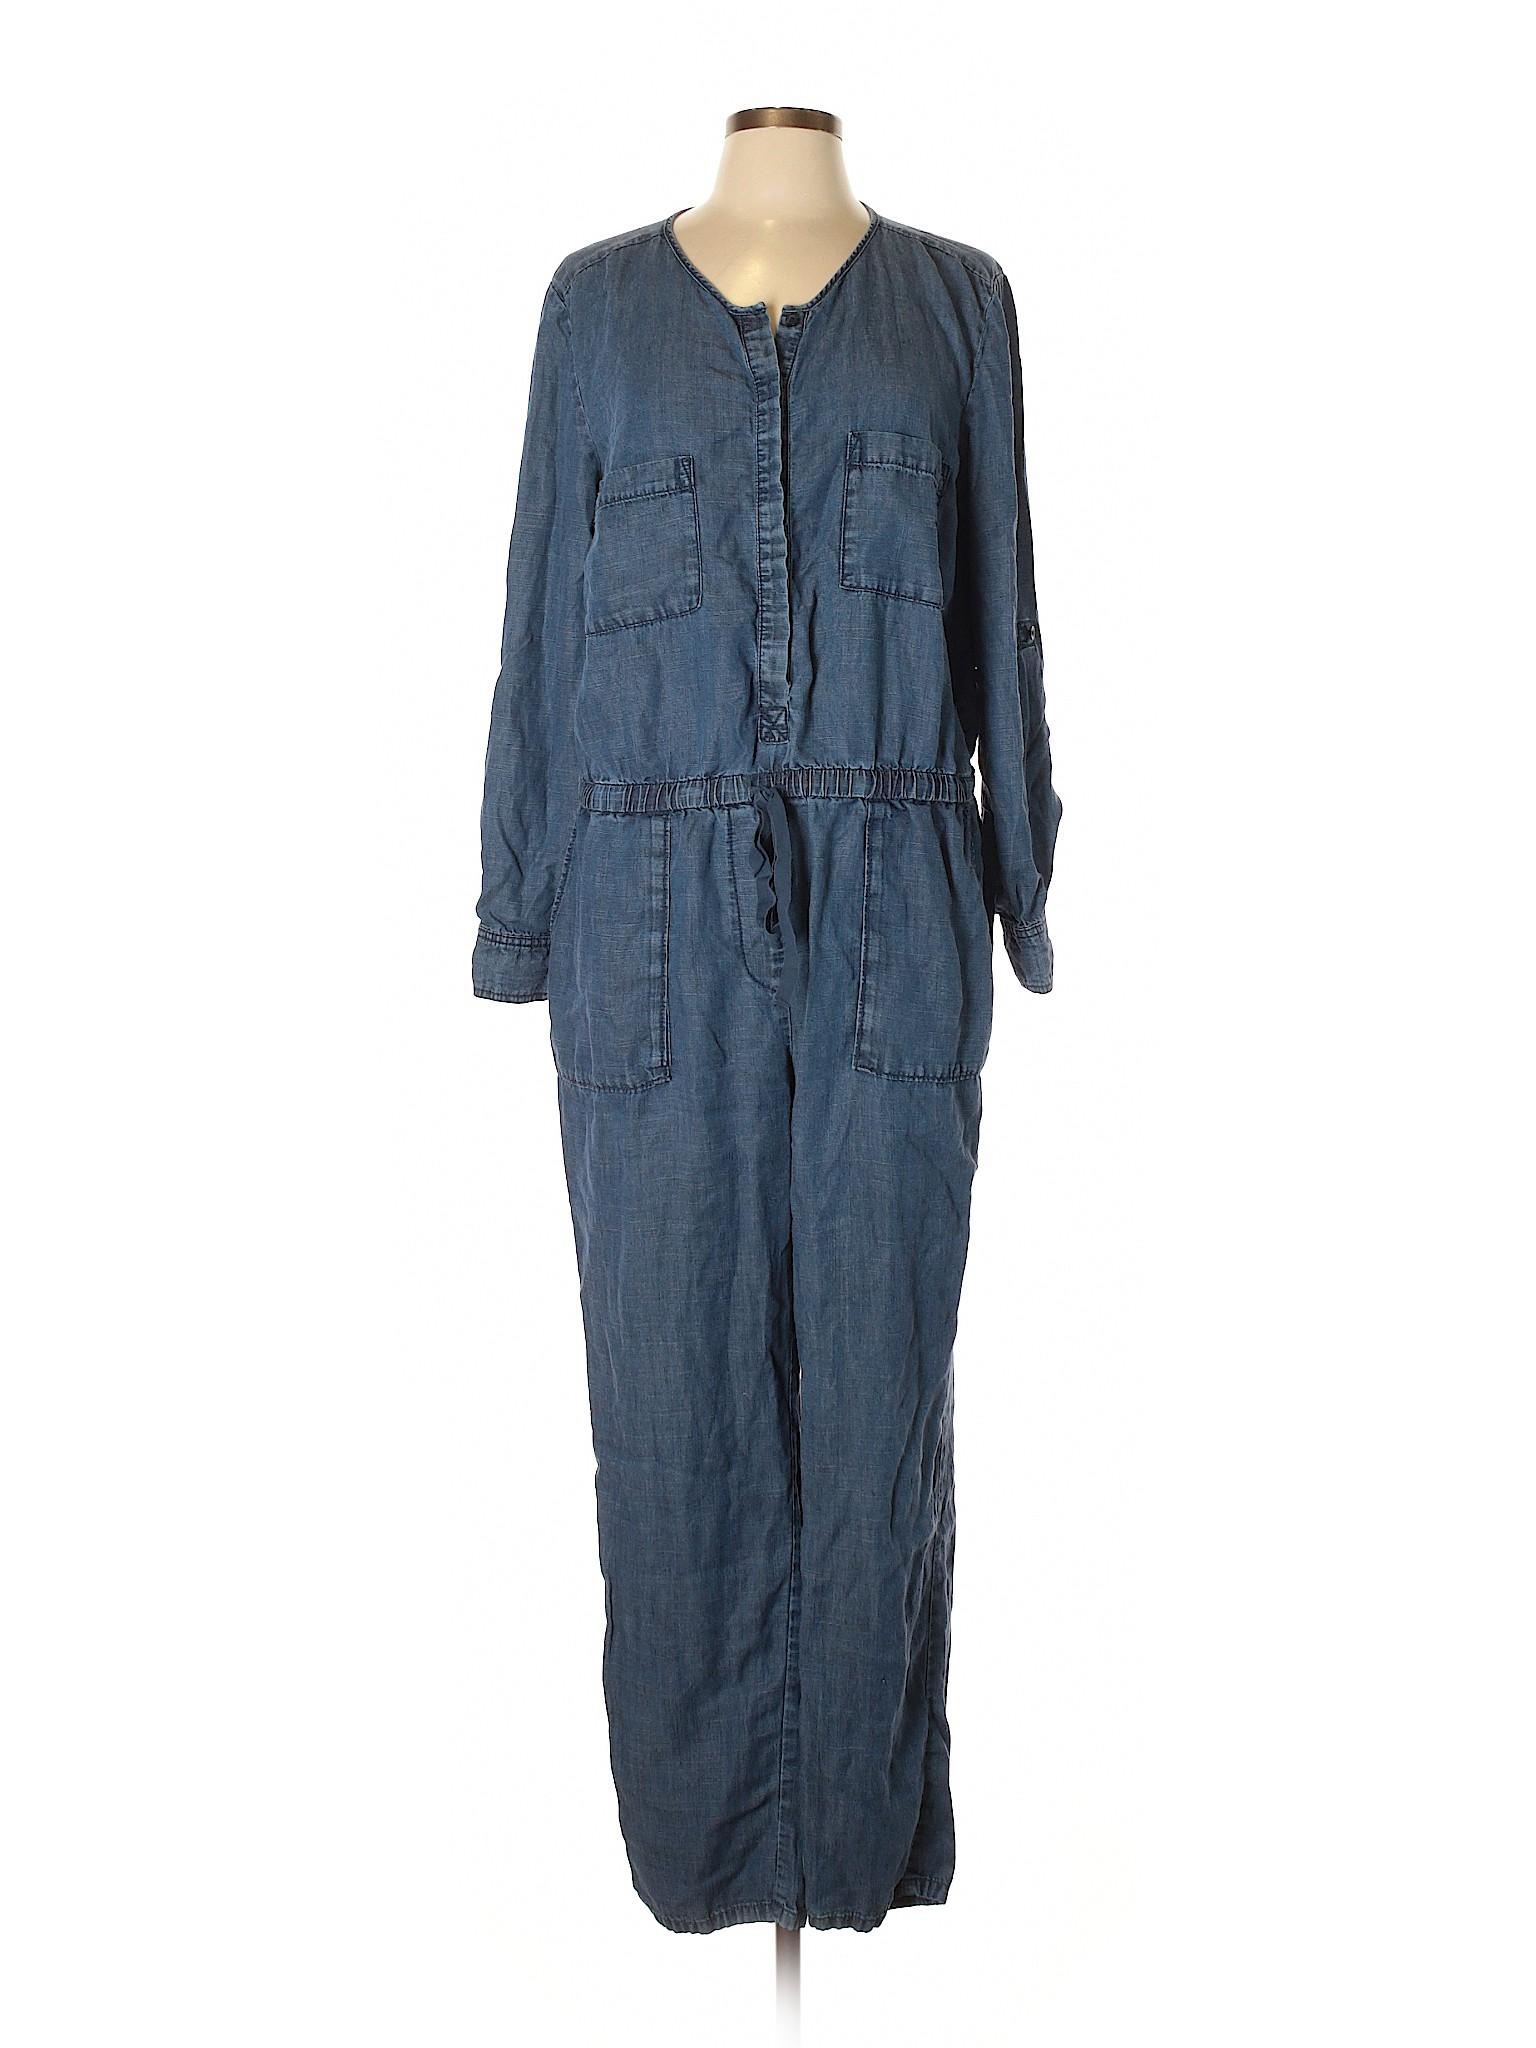 Ann Loft Jumpsuit Taylor Boutique Winter Qtzwx4y